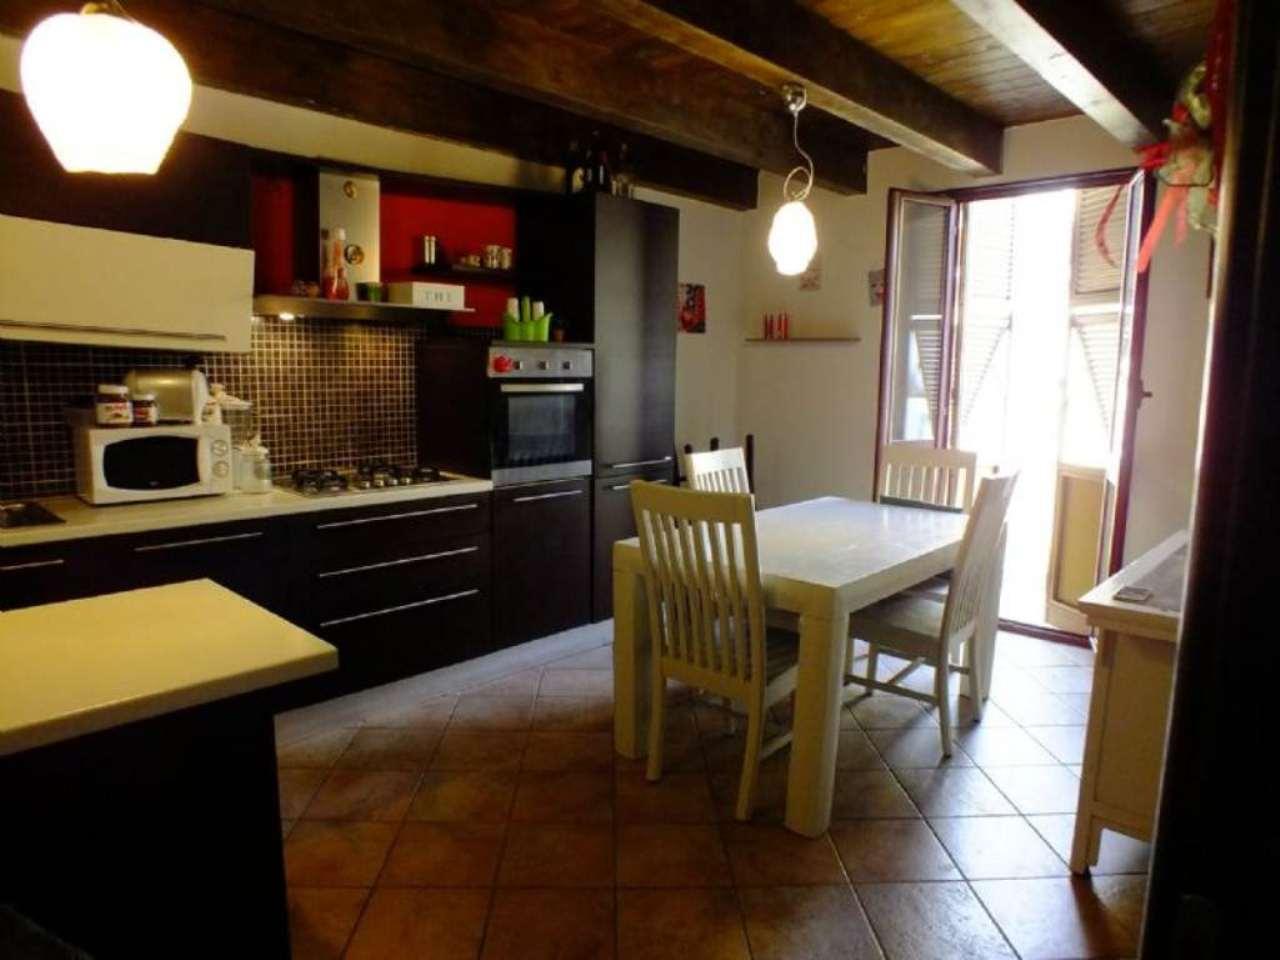 Attico / Mansarda in vendita a Alghero, 3 locali, prezzo € 130.000 | Cambio Casa.it